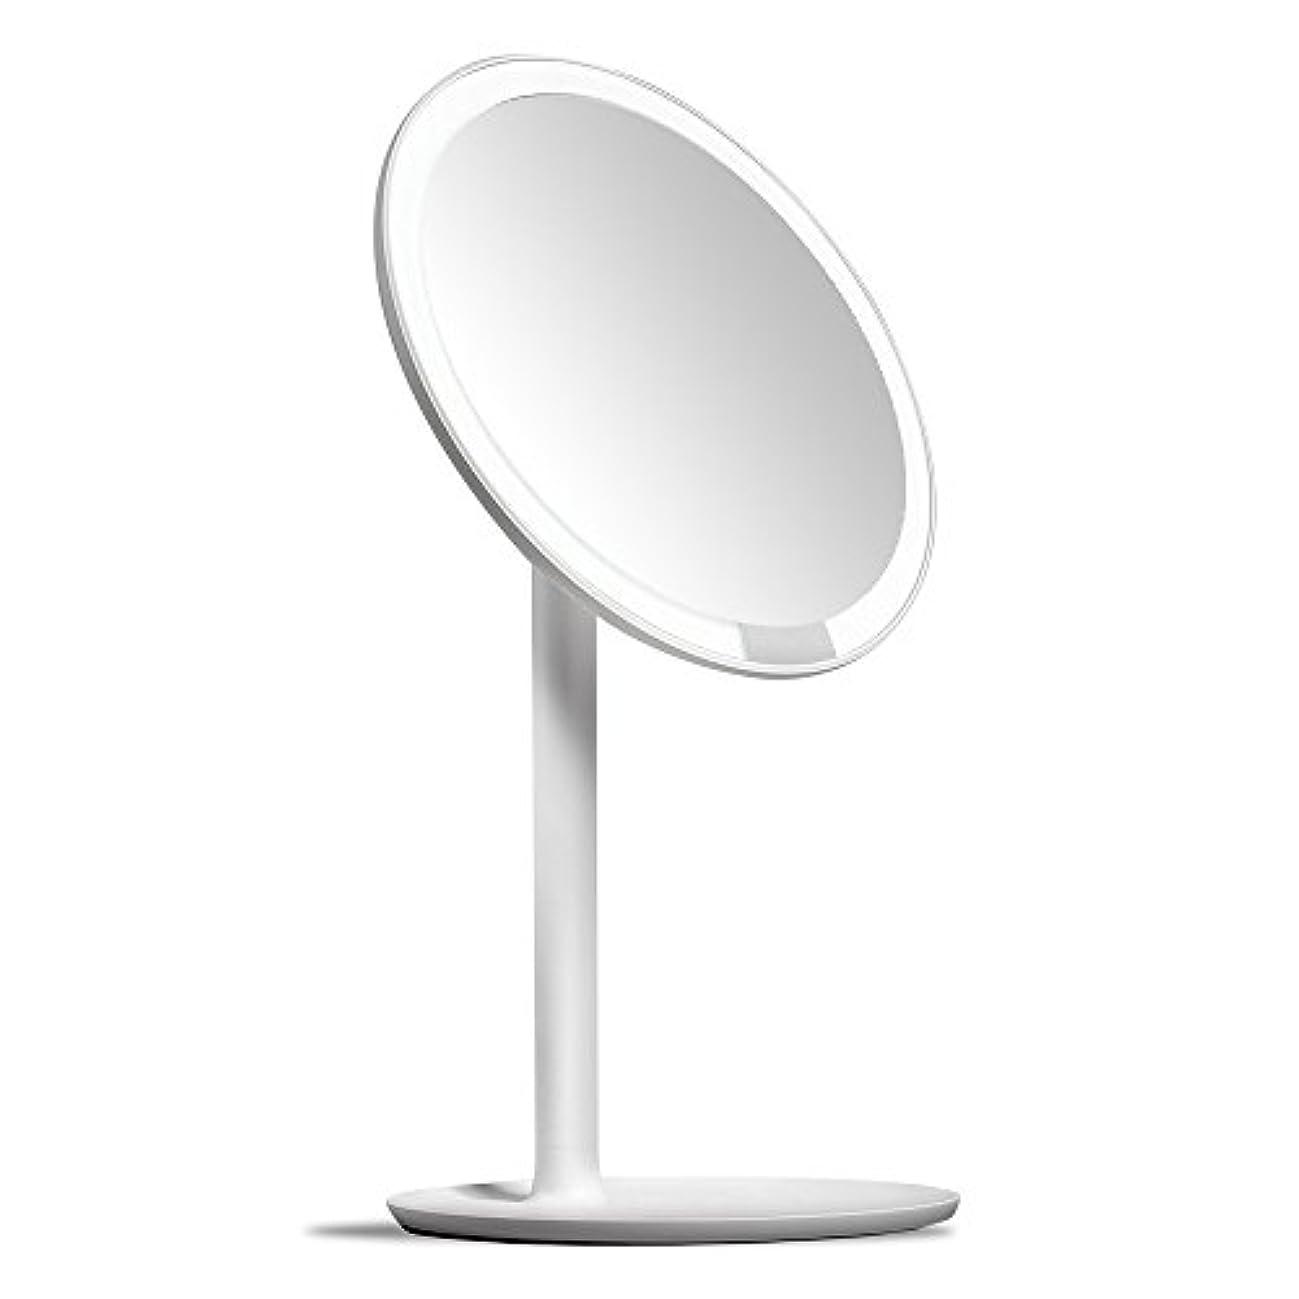 未満変化する失望させるAMIRO 化粧鏡 化粧ミラー LEDライト付き 卓上鏡 女優ミラー 3段階明るさ調節可能 コードレス 充電式